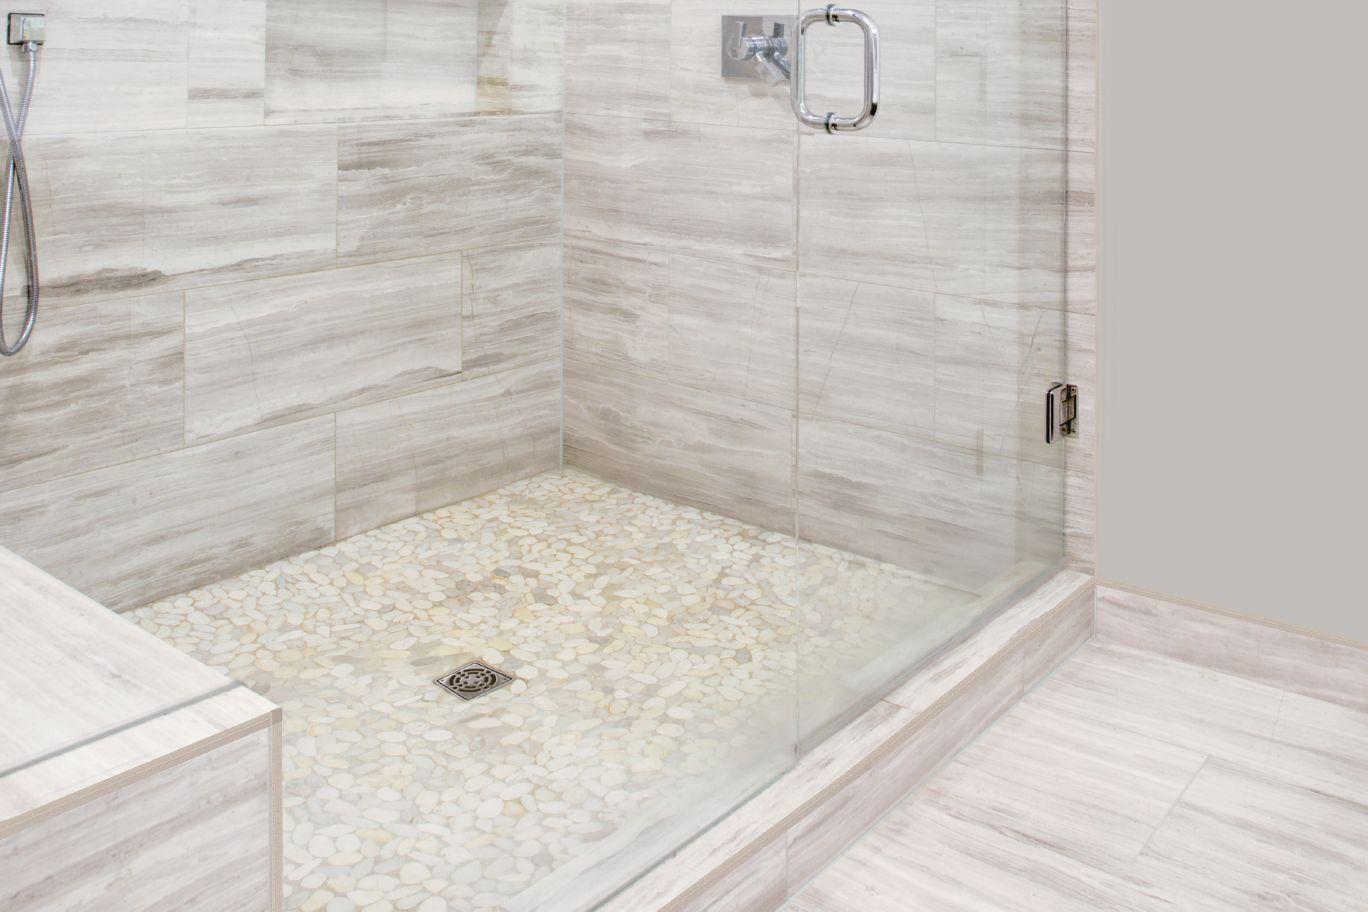 Schluter 174 Kerdi Shower Kit Shower Amp Tub Kits Shower